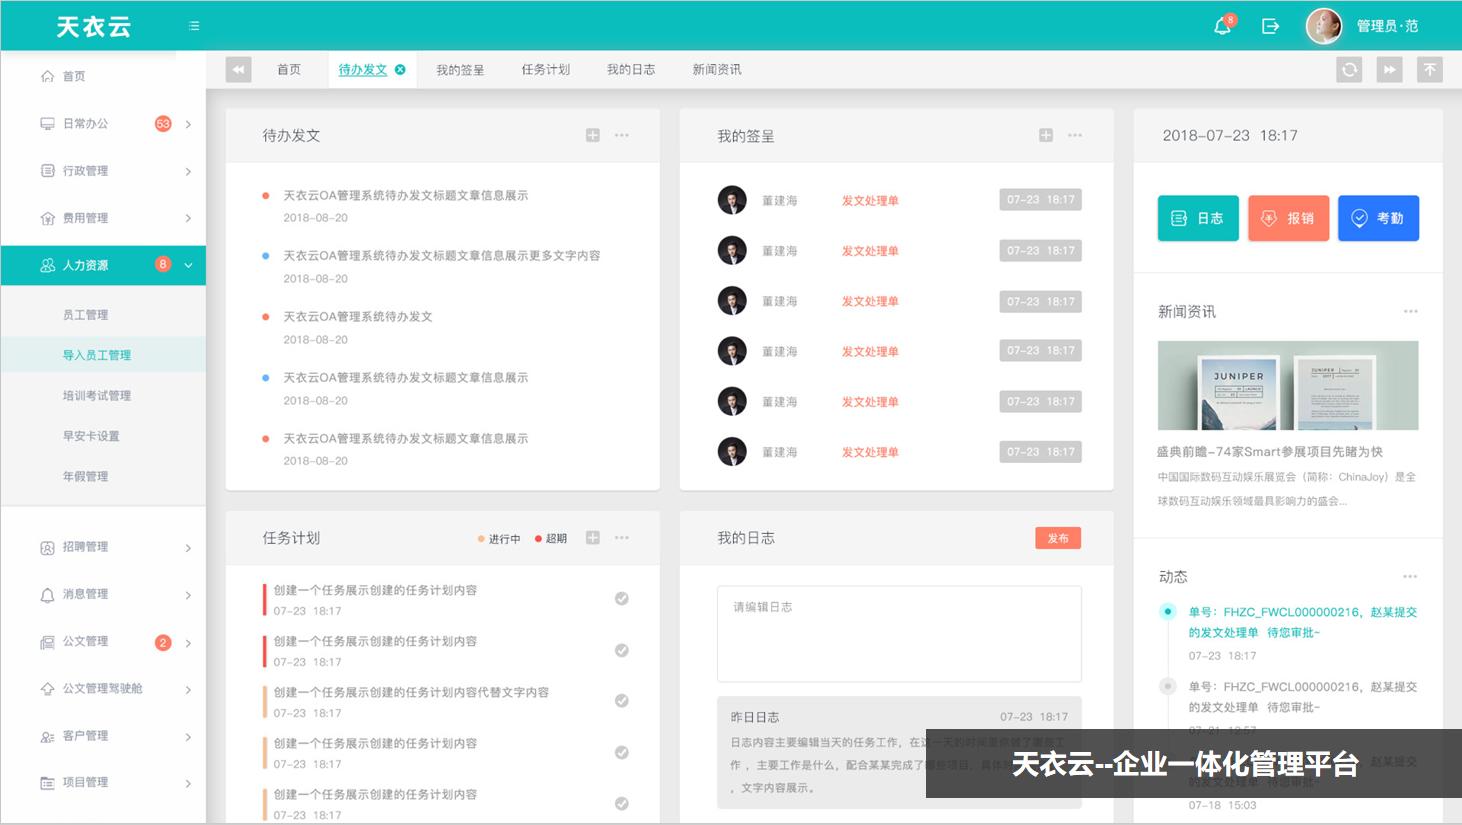 网站UI 网页设计 app设计 微信公众号设计 可视化设计